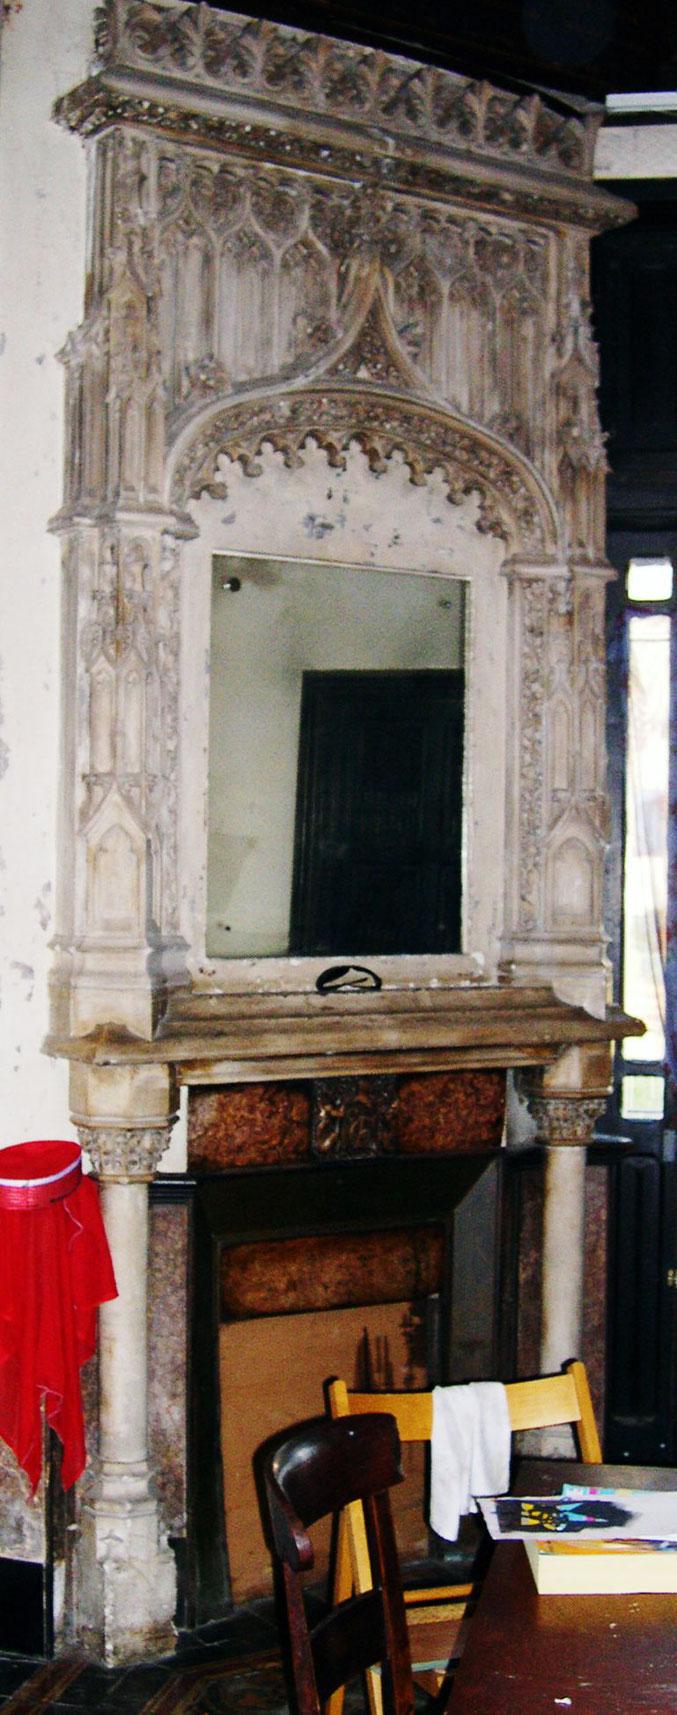 Château du Verrier. La photo a été prise à la sauvette en 2006 pendant le squatt. Le marbre rose se mêle au calcaire dont les sculptures gothiques grimpent jusqu'au plafond .  Cettecheminée est un des éléments majeur du décor de la pièce entière.